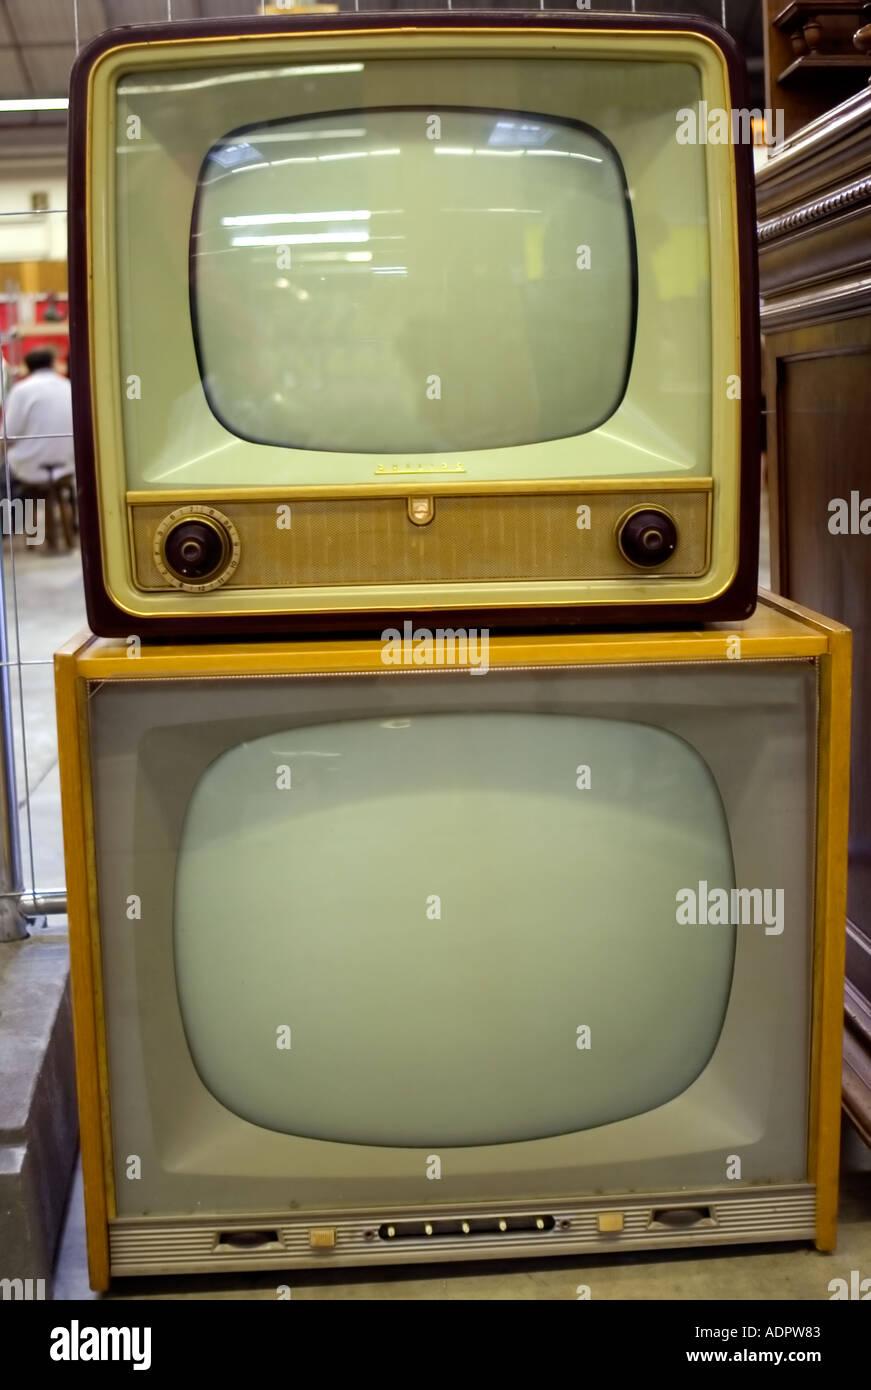 """1960 antigua francesa de """"televisión"""" para la venta en el """"Mercado de Pulgas' en 'Paris France' T.V. Productos imágenes Vintage 'retro' Imagen De Stock"""